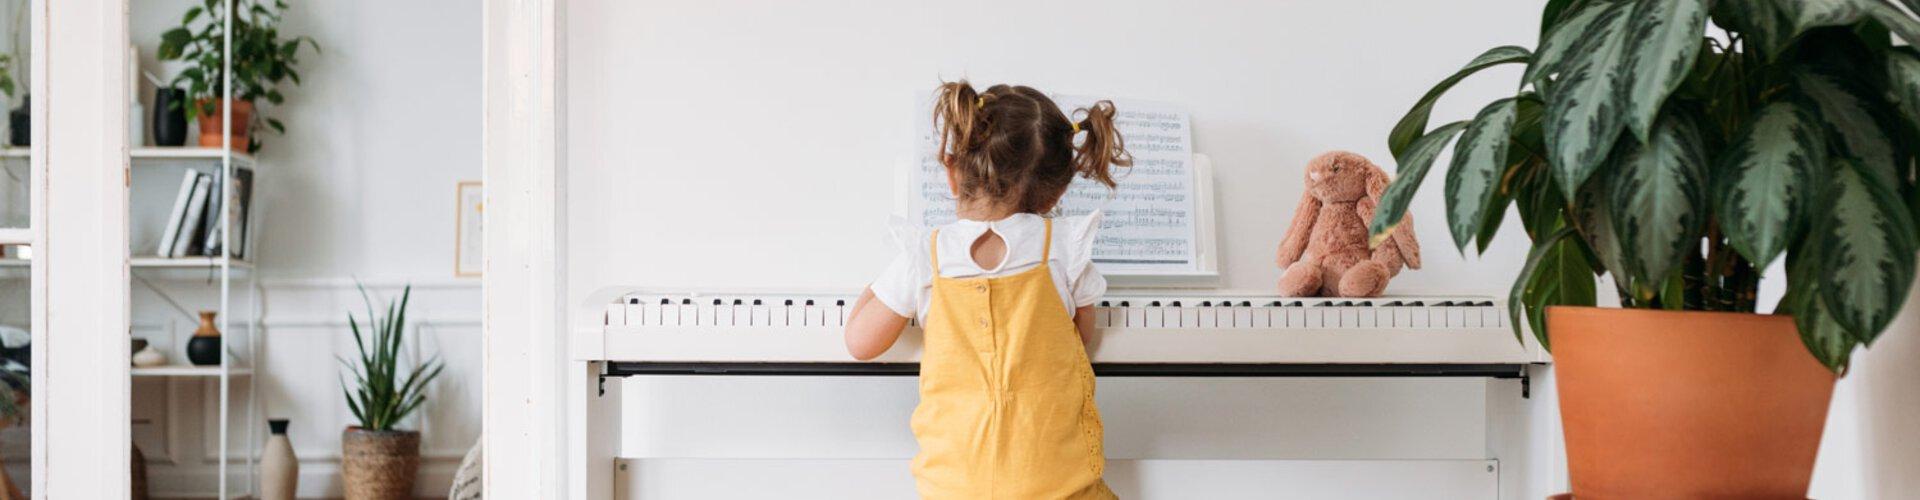 musikinstitut-genima-muenchen-musikunterricht-klavierunterricht-klavier-03